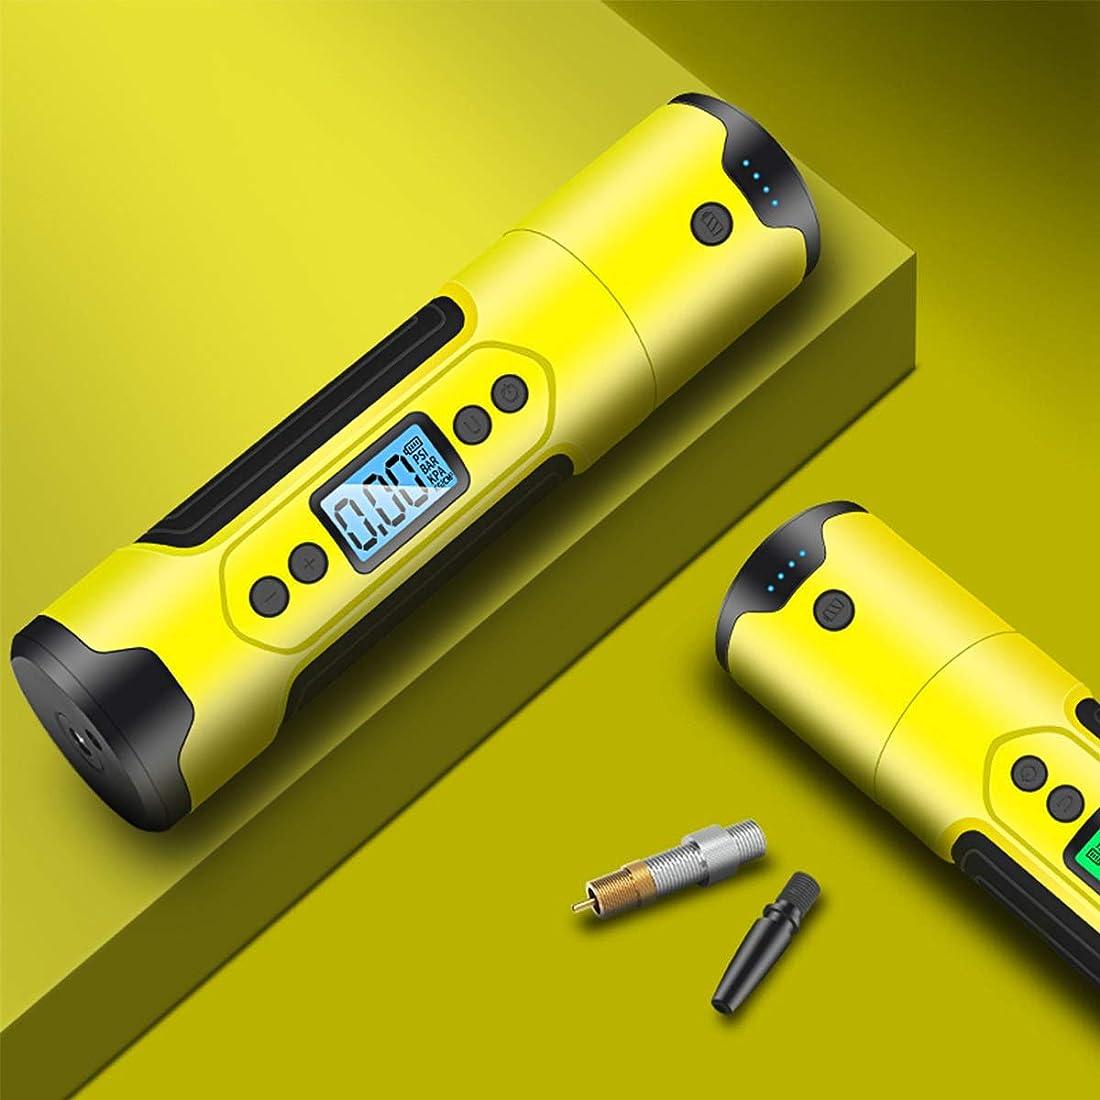 効能ある創始者頑張るFANPING エアーコンプレッサーポンプ携帯自動無線デジタルタイヤインフレータ、LEDランプを有する膨張可能な12V 150PSIハンドヘルドエアポンプ (Color : Yellow)